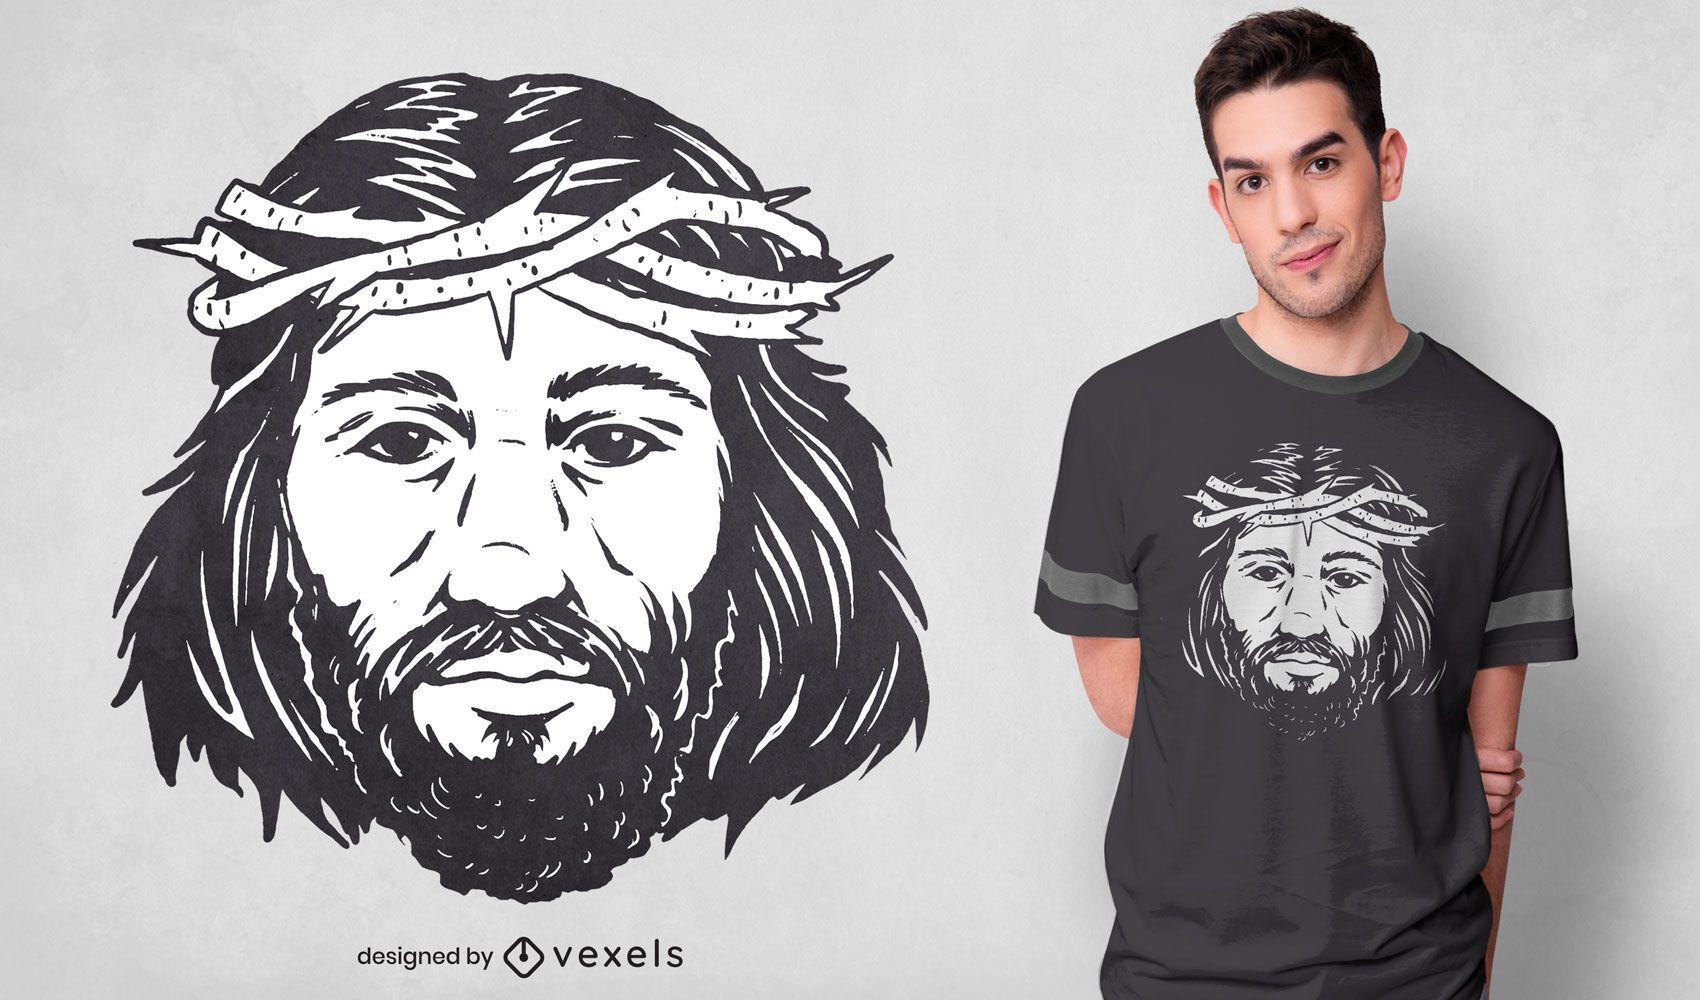 Jesus christ portrait t-shirt design